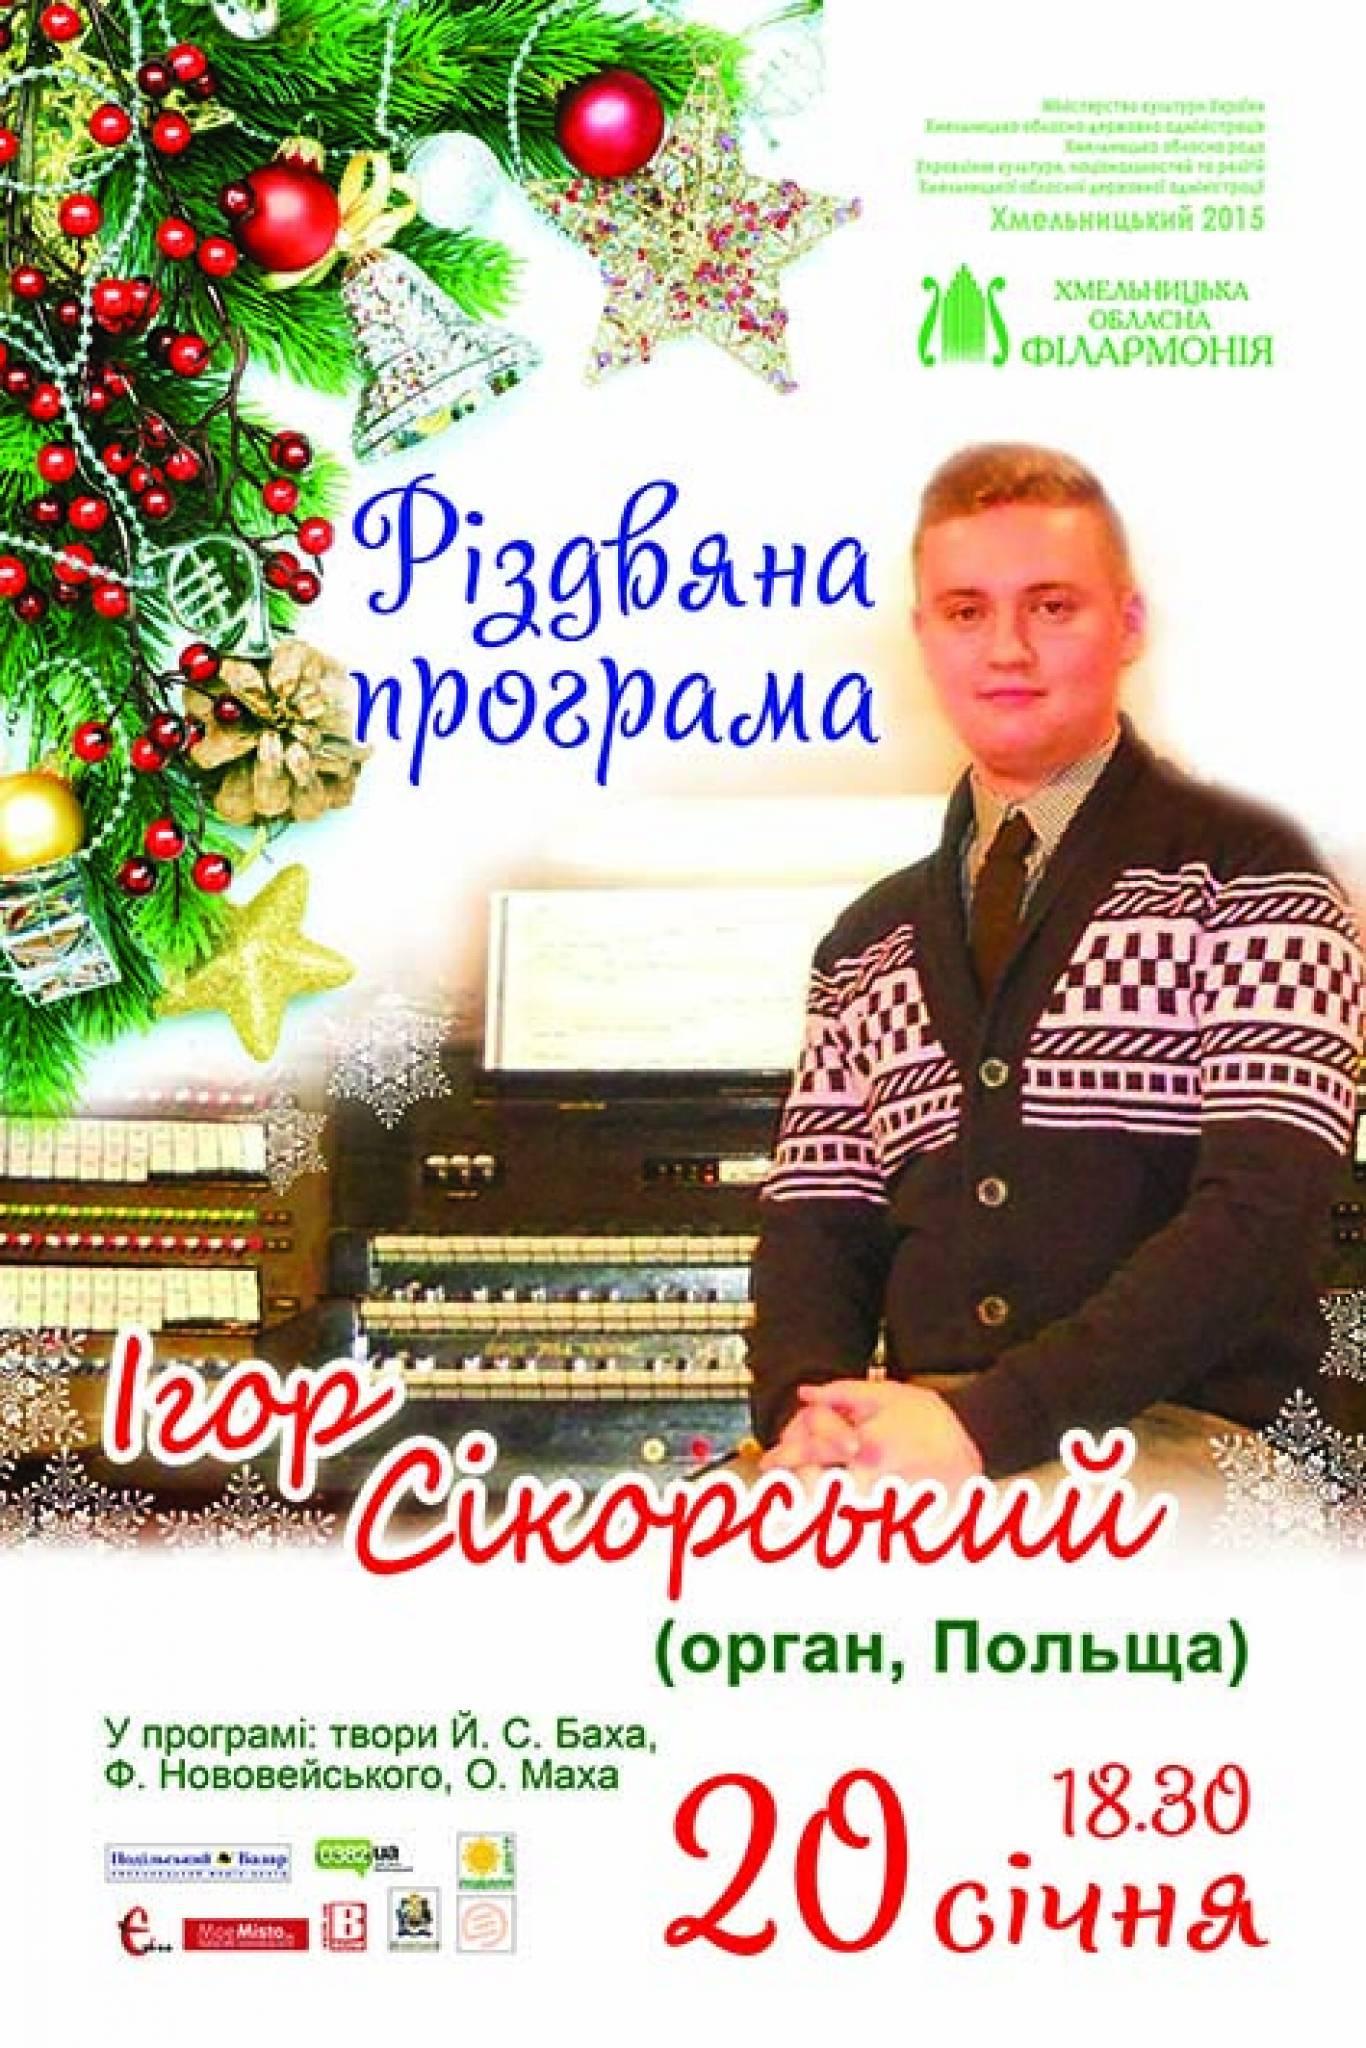 Різдвяна програма з Польщі